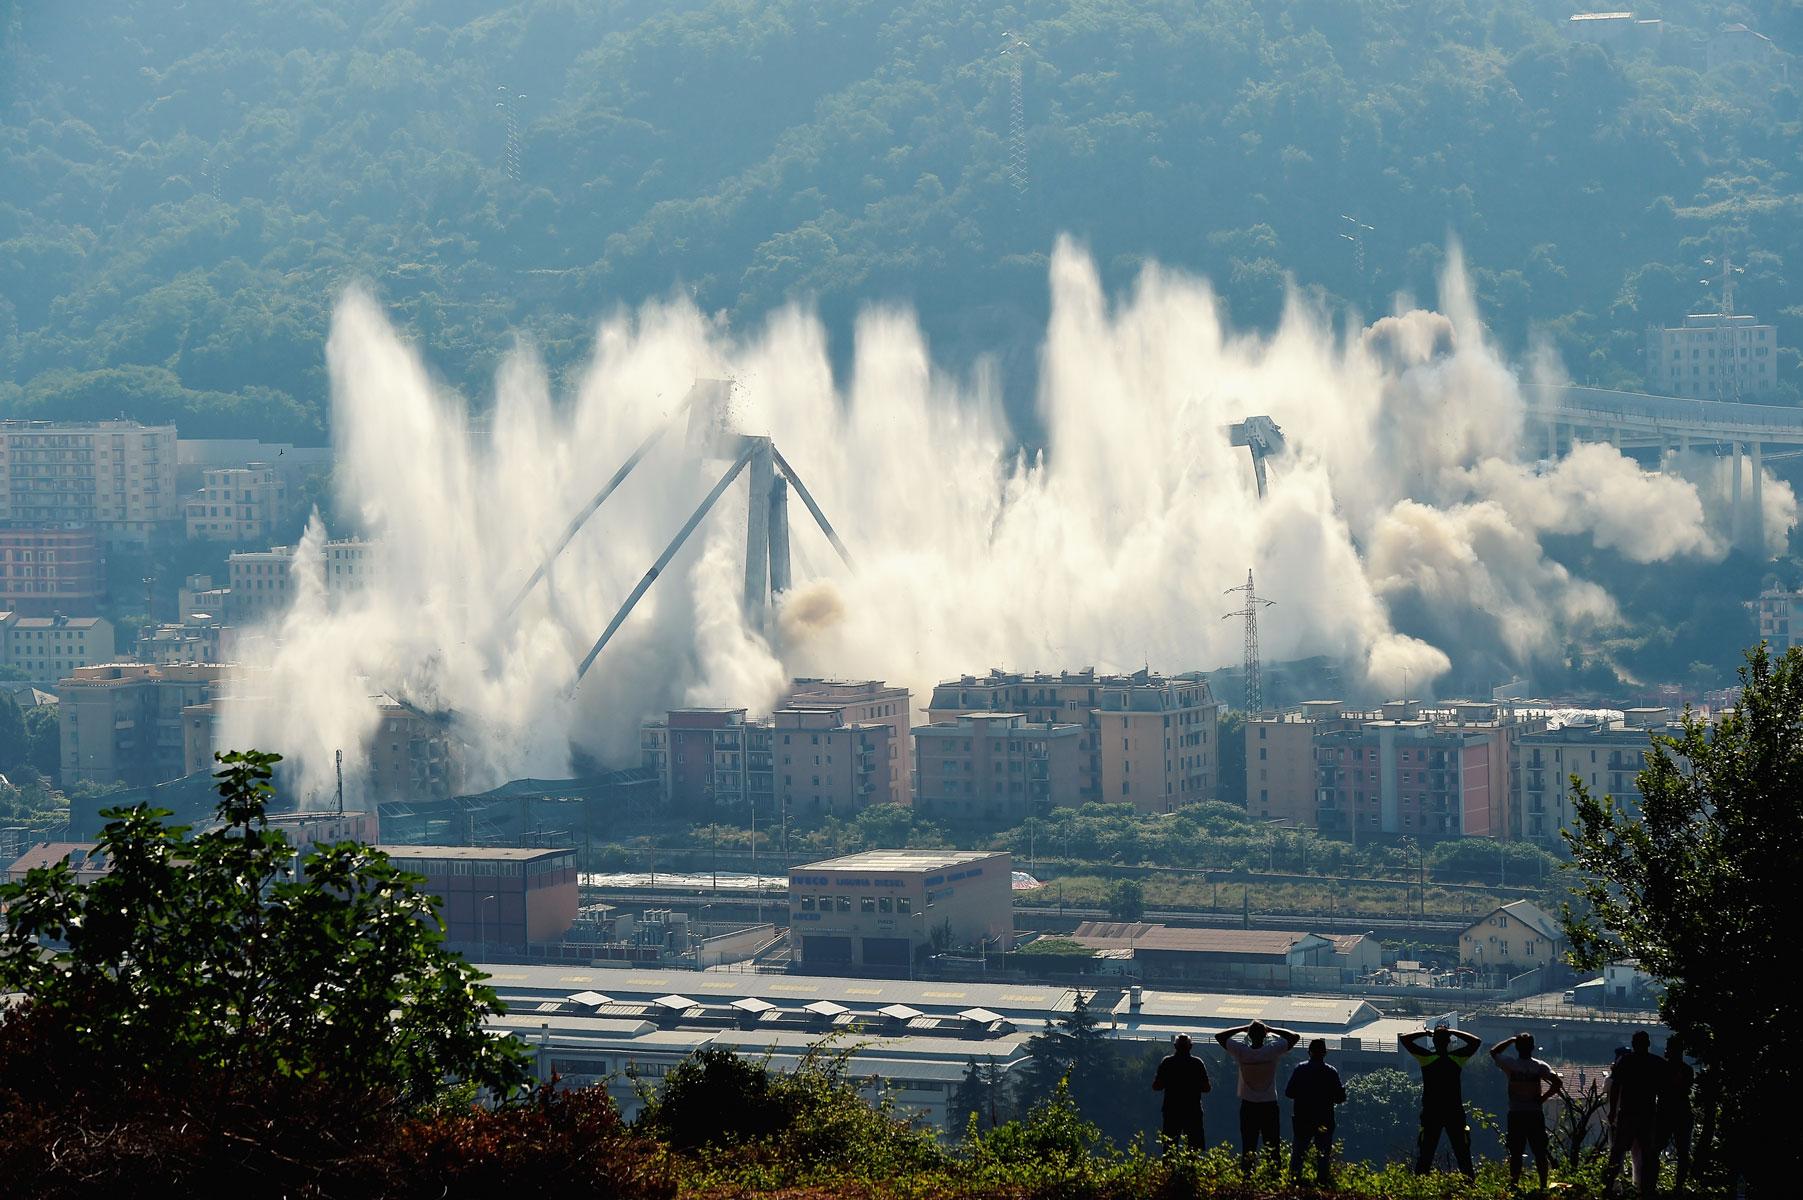 В итальянской Генуе произвели контролируемый взрыв виадука Моранди. Чтобы снести старую конструкцию, специалисты использовали более полутонны взрывчатки. Виадук Моранди частично обрушился вавгусте 2018 года, вэтот момент намосту находились более 30 легковых автомобилей. Жертвами катастрофы стали 43 человека